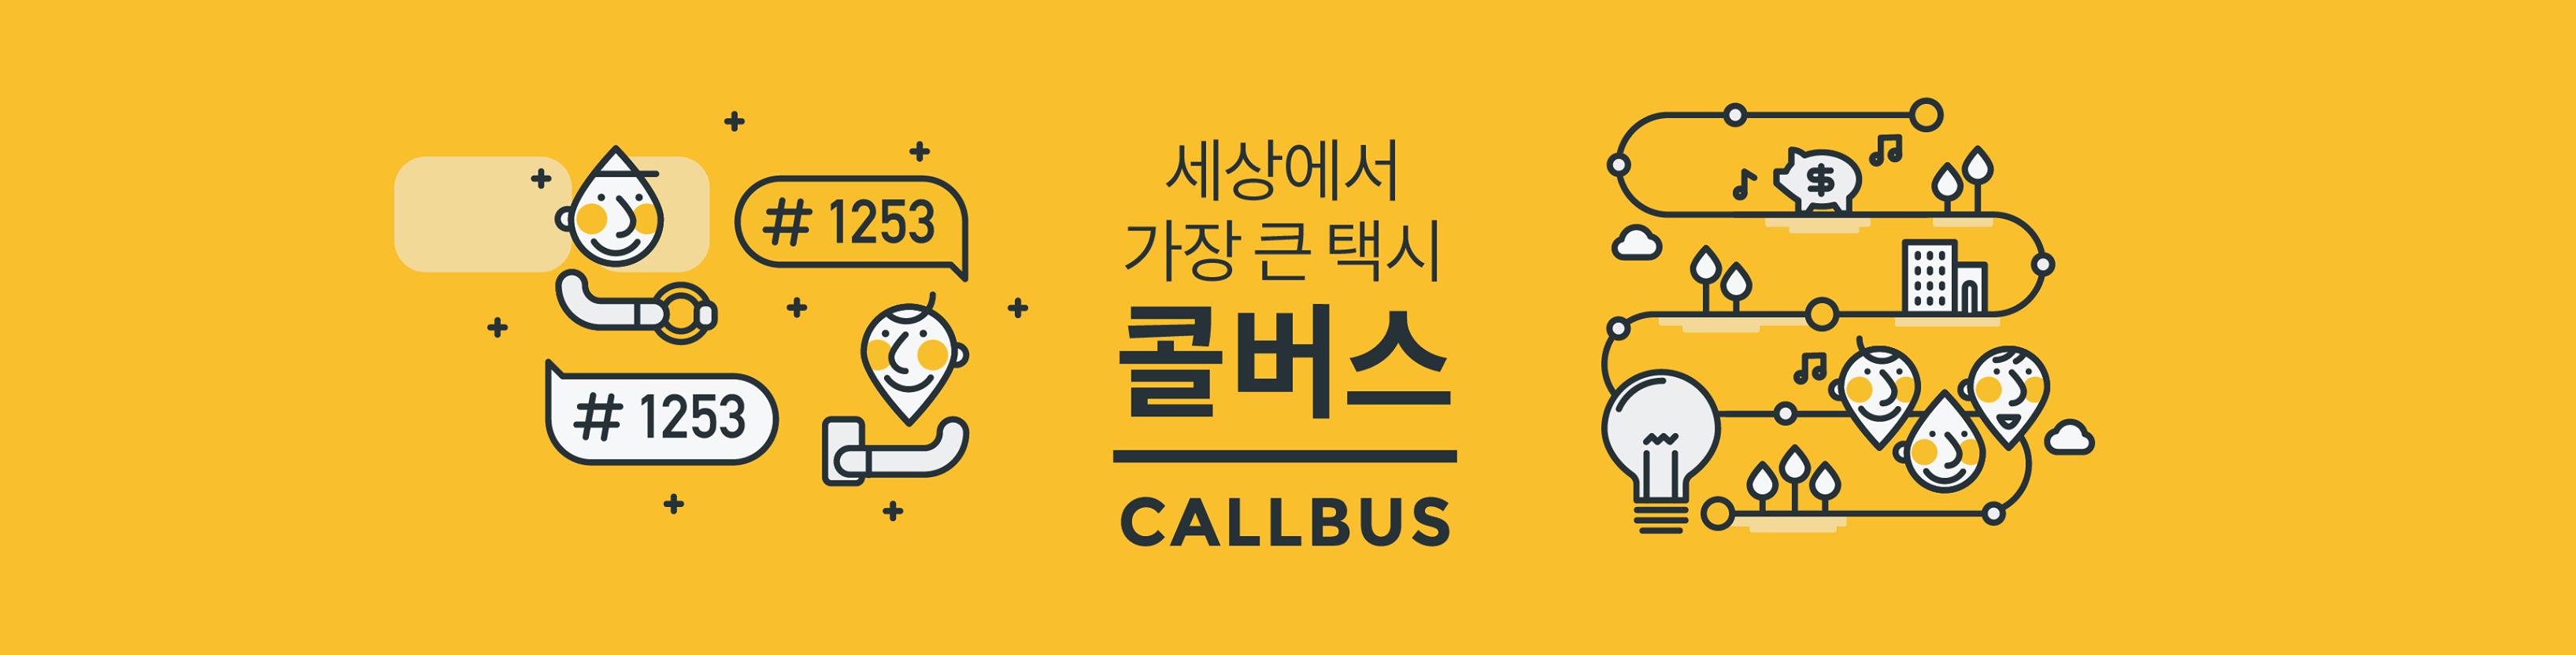 callbus